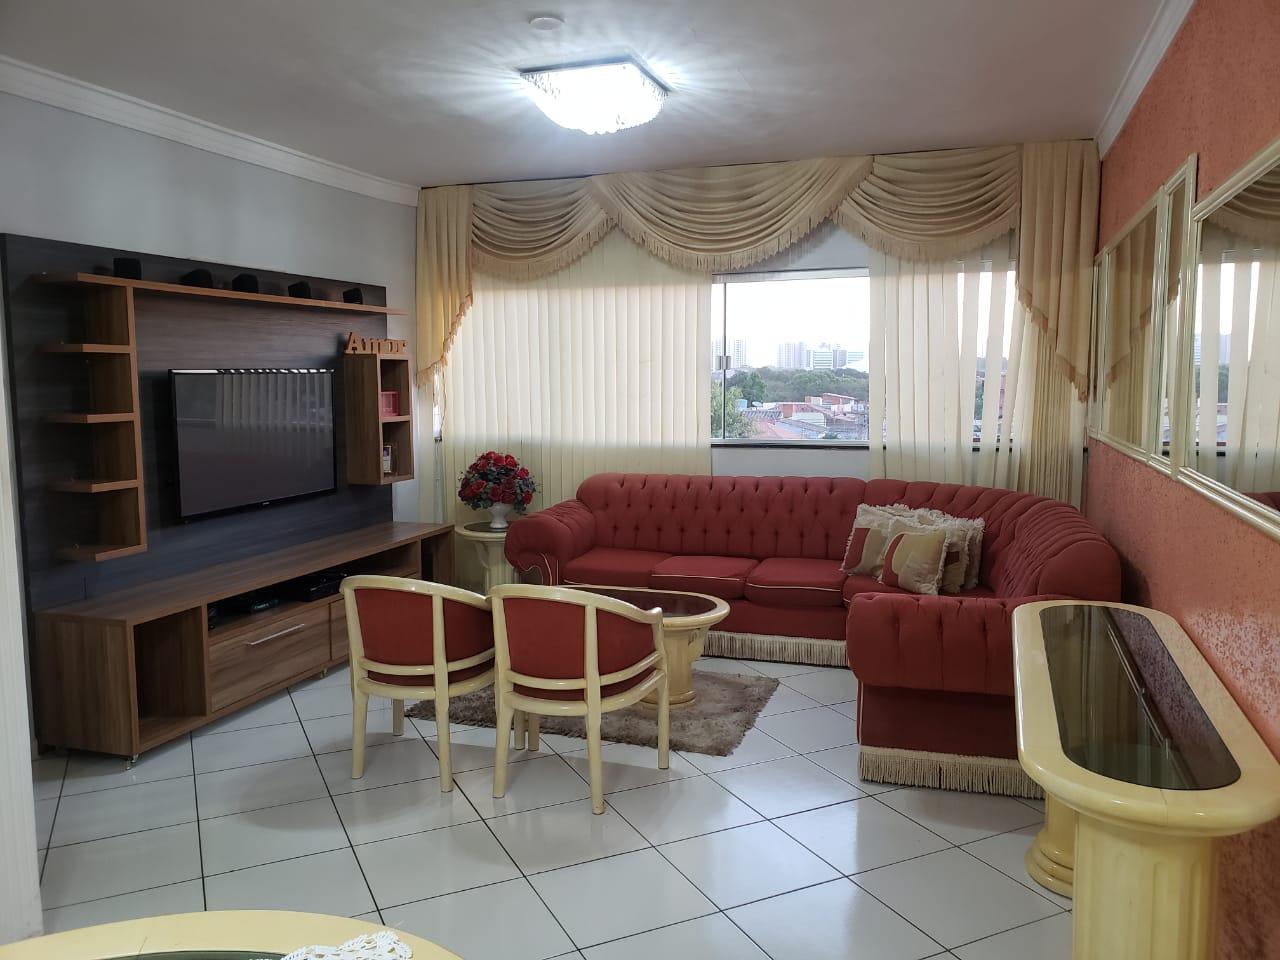 Casa  com 2 quartos no Morada do Ouro, Cuiabá  - MT